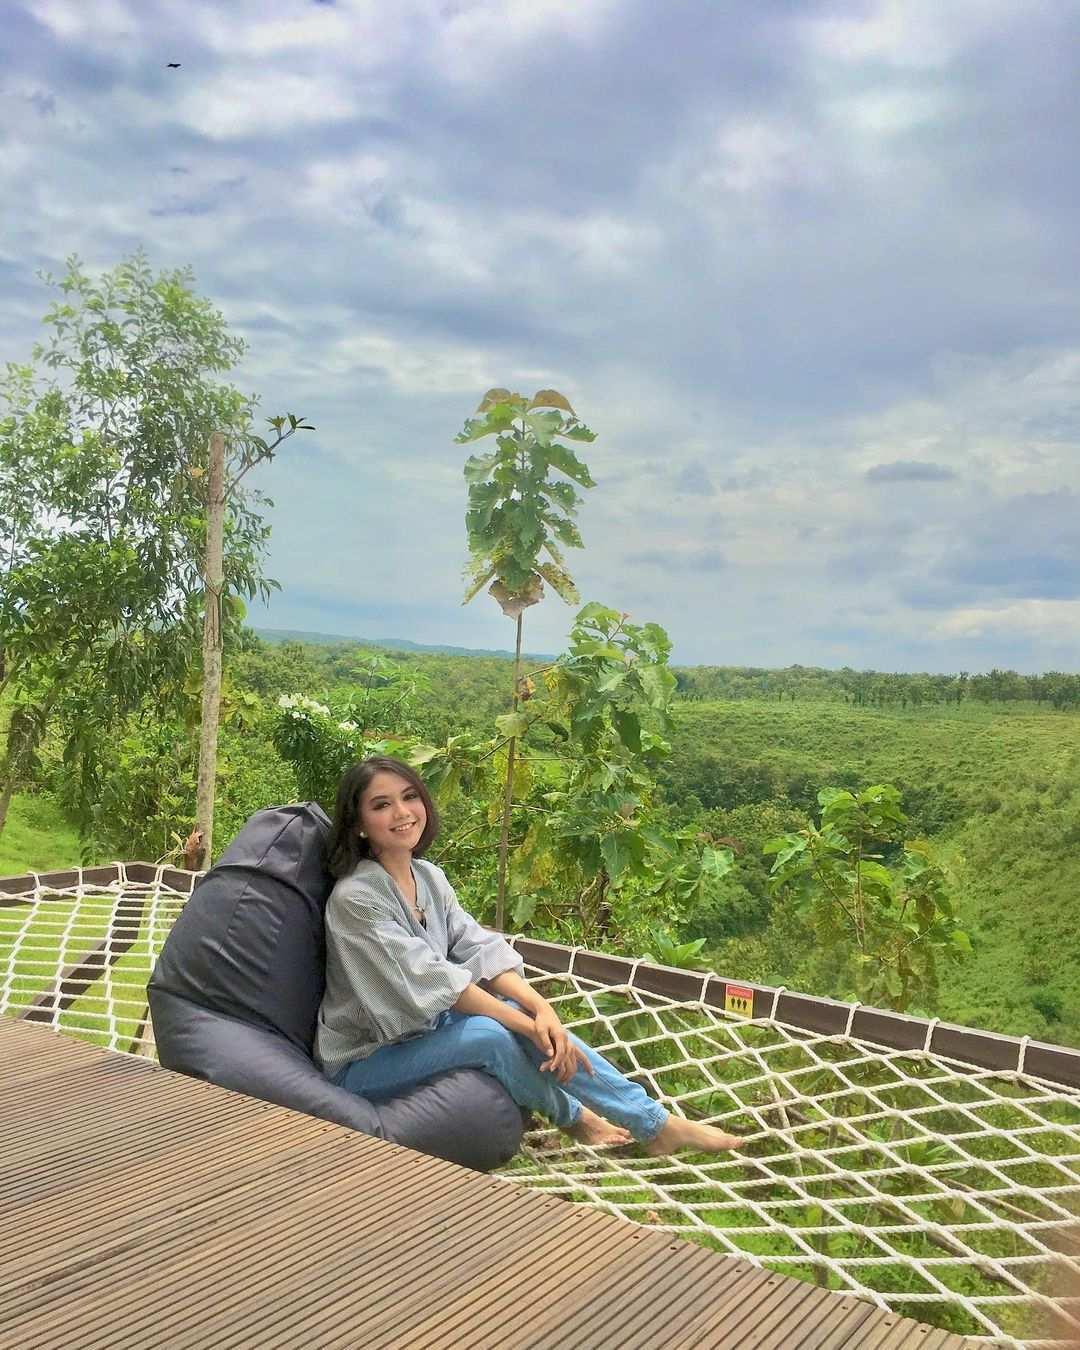 Bean Bag dan Hammock di Giri Wanara Resort Jogja Image From @ninishappsari